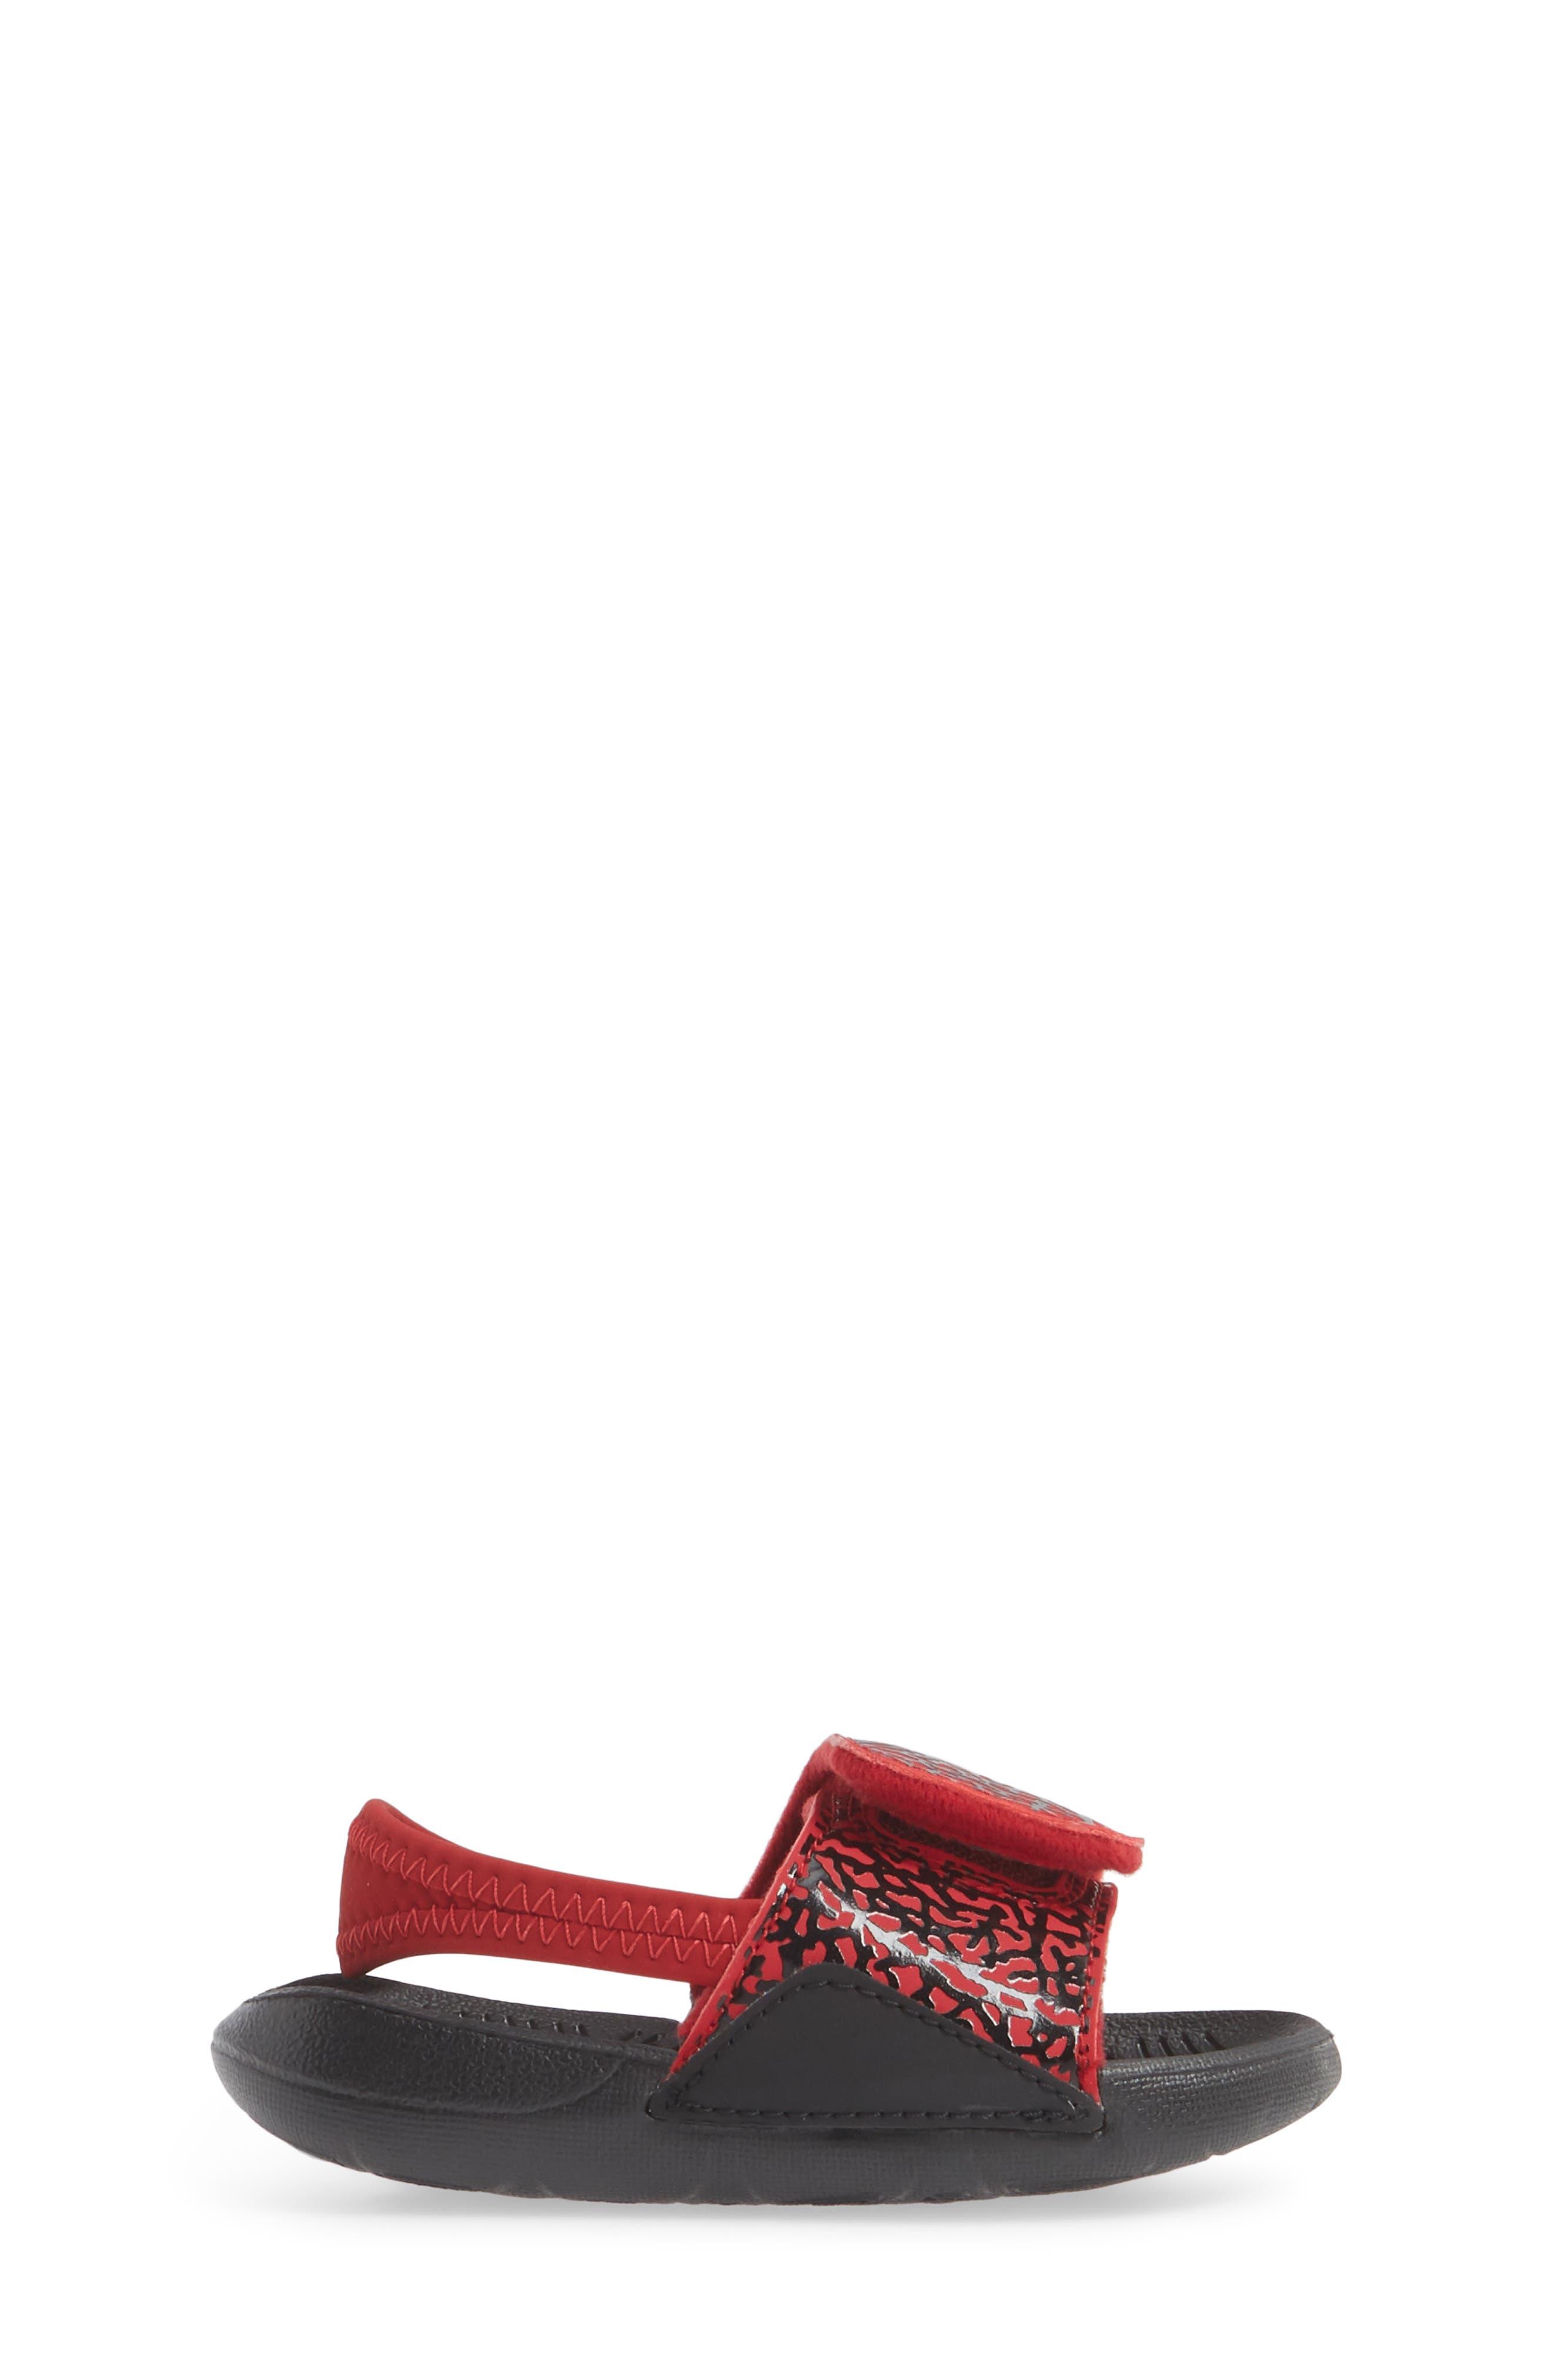 Hydro 7 V2 Sandal,                             Alternate thumbnail 3, color,                             GYM RED/ BLACK 2